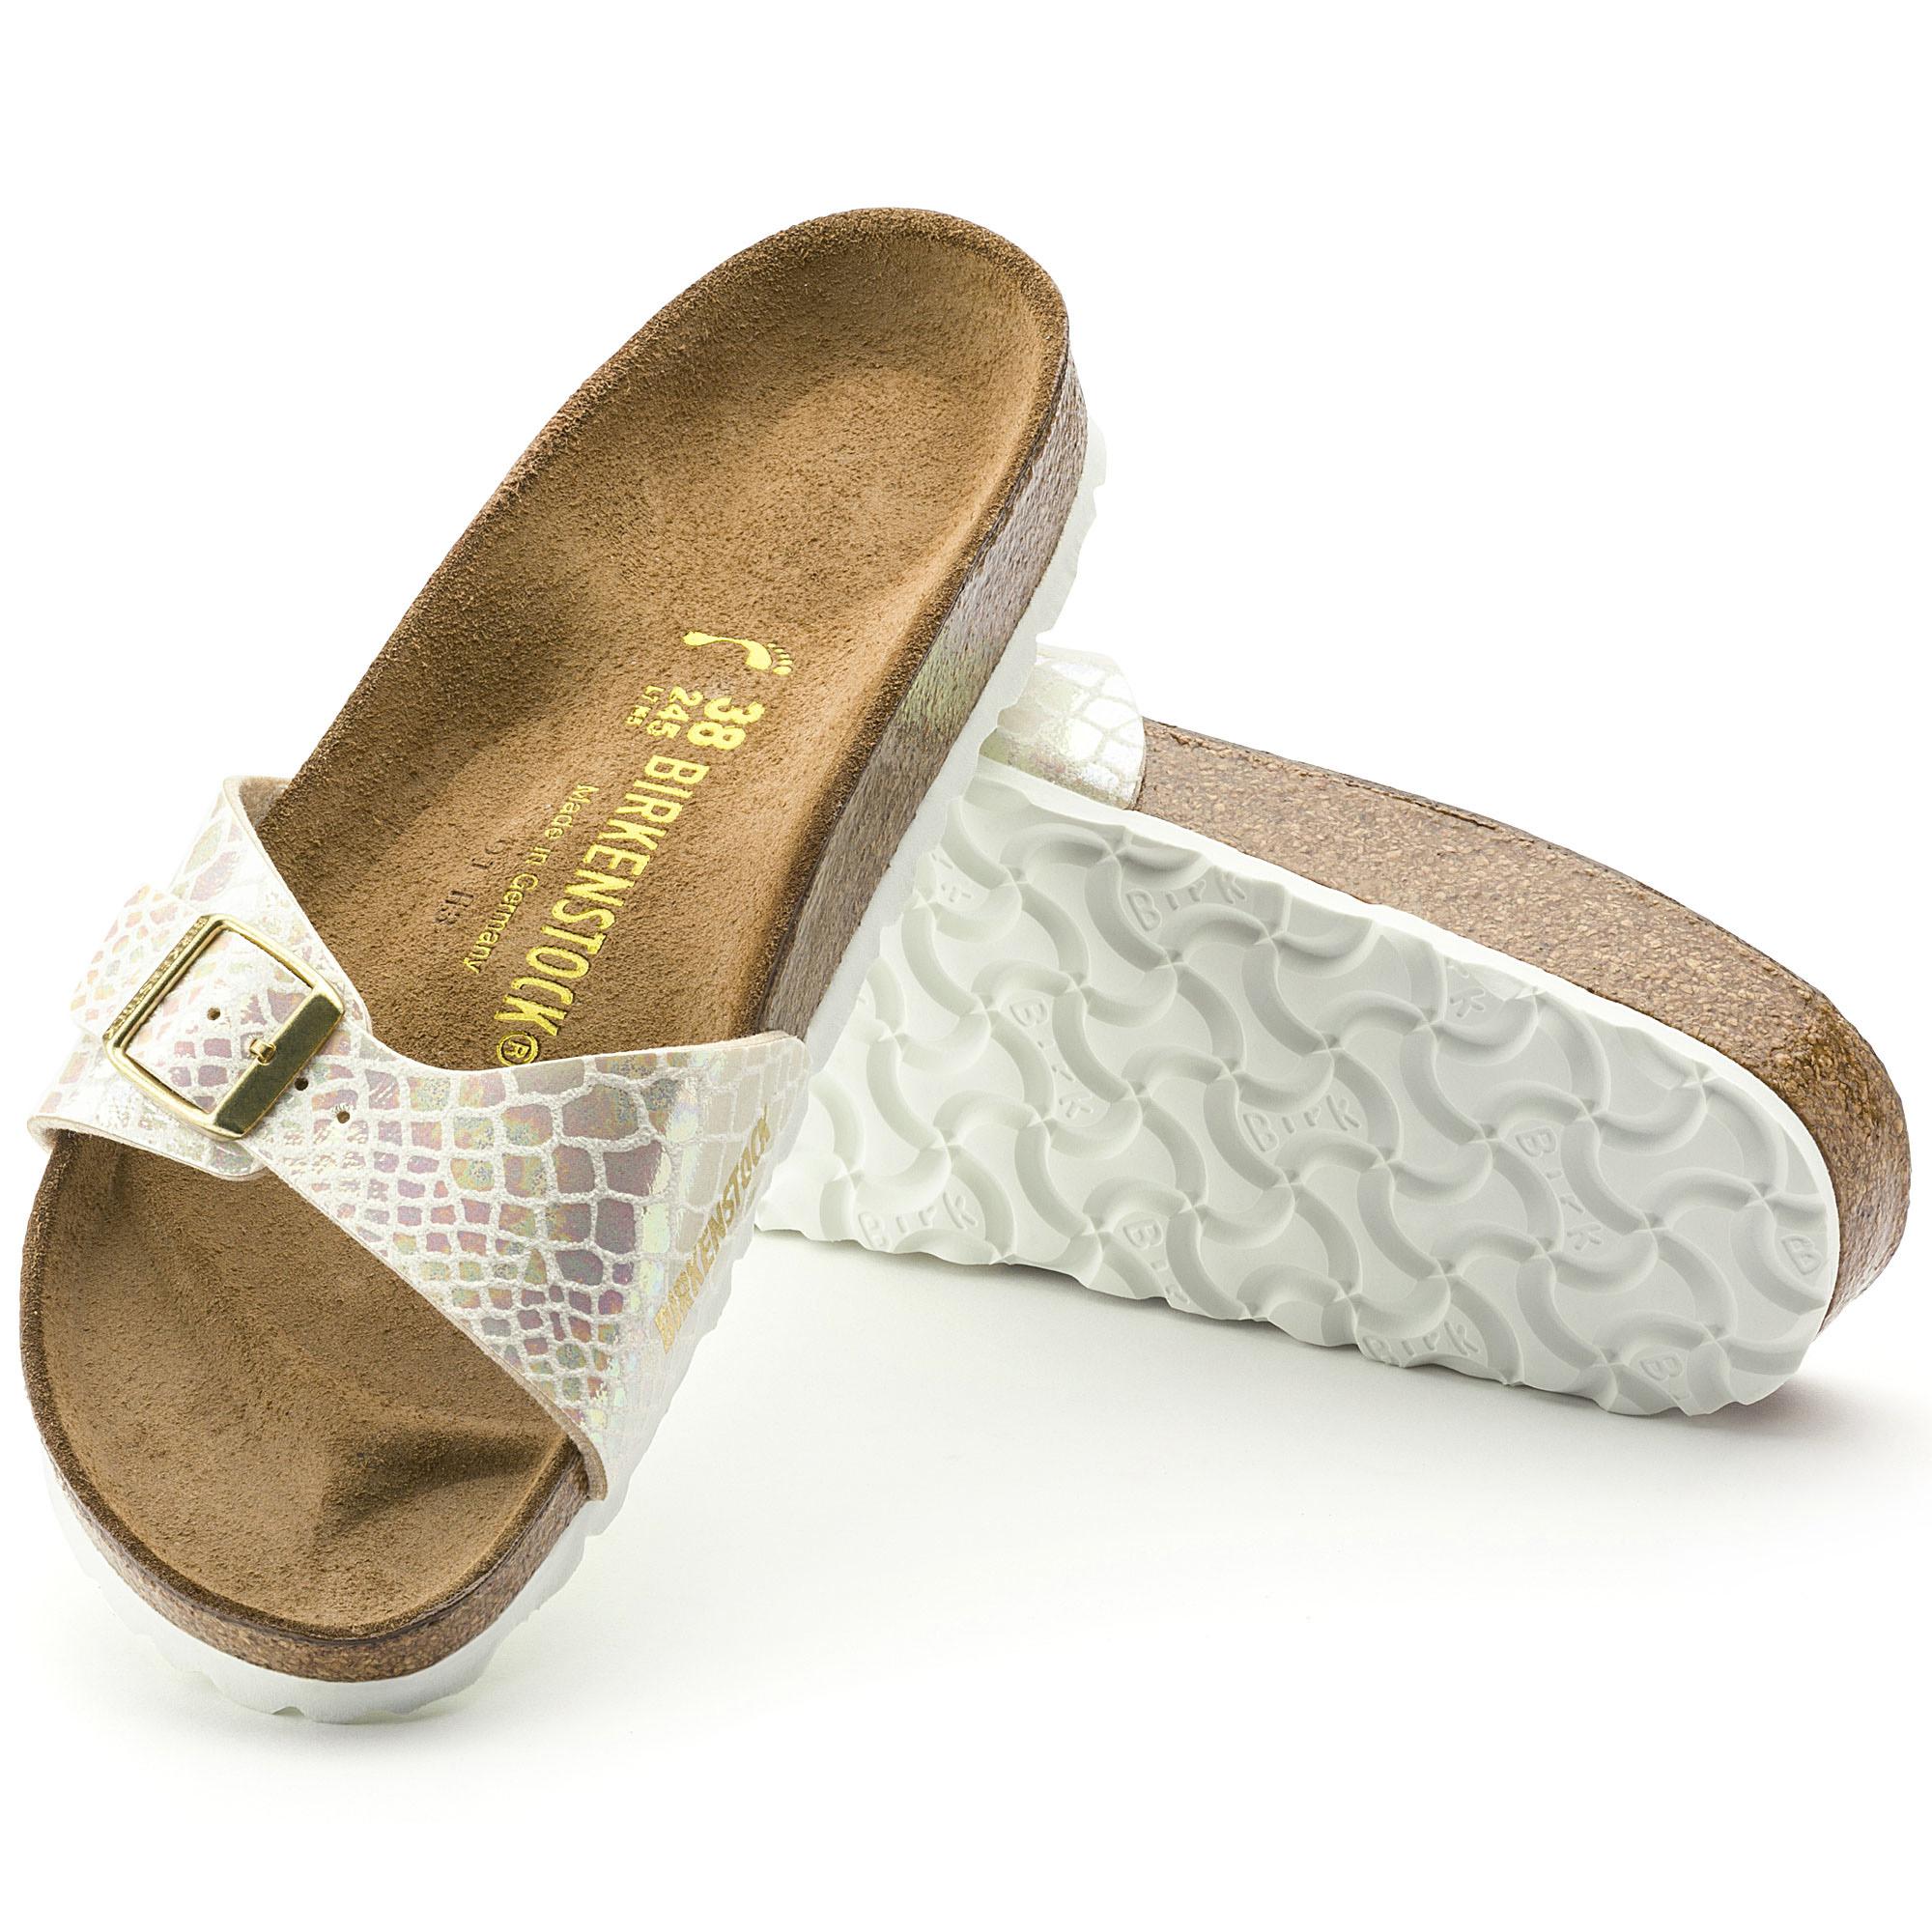 Birkenstock Birkenstock Madrid Bs - Pantolette Comfort - Beige 0439913 Damen R56IbSi